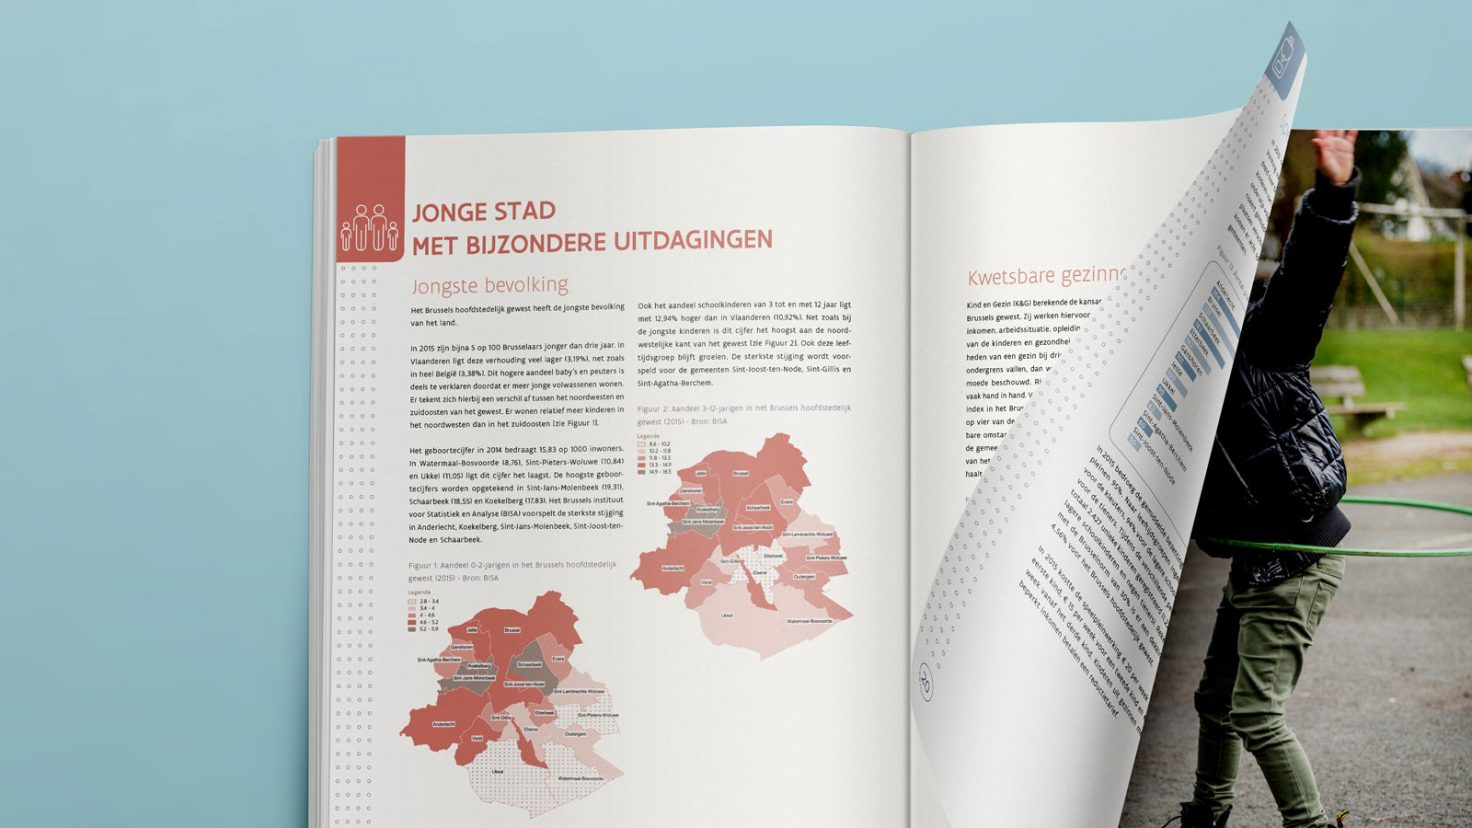 """Open boek met als artikel titel """"Jonge stad met bijzondere uitdagingen"""""""